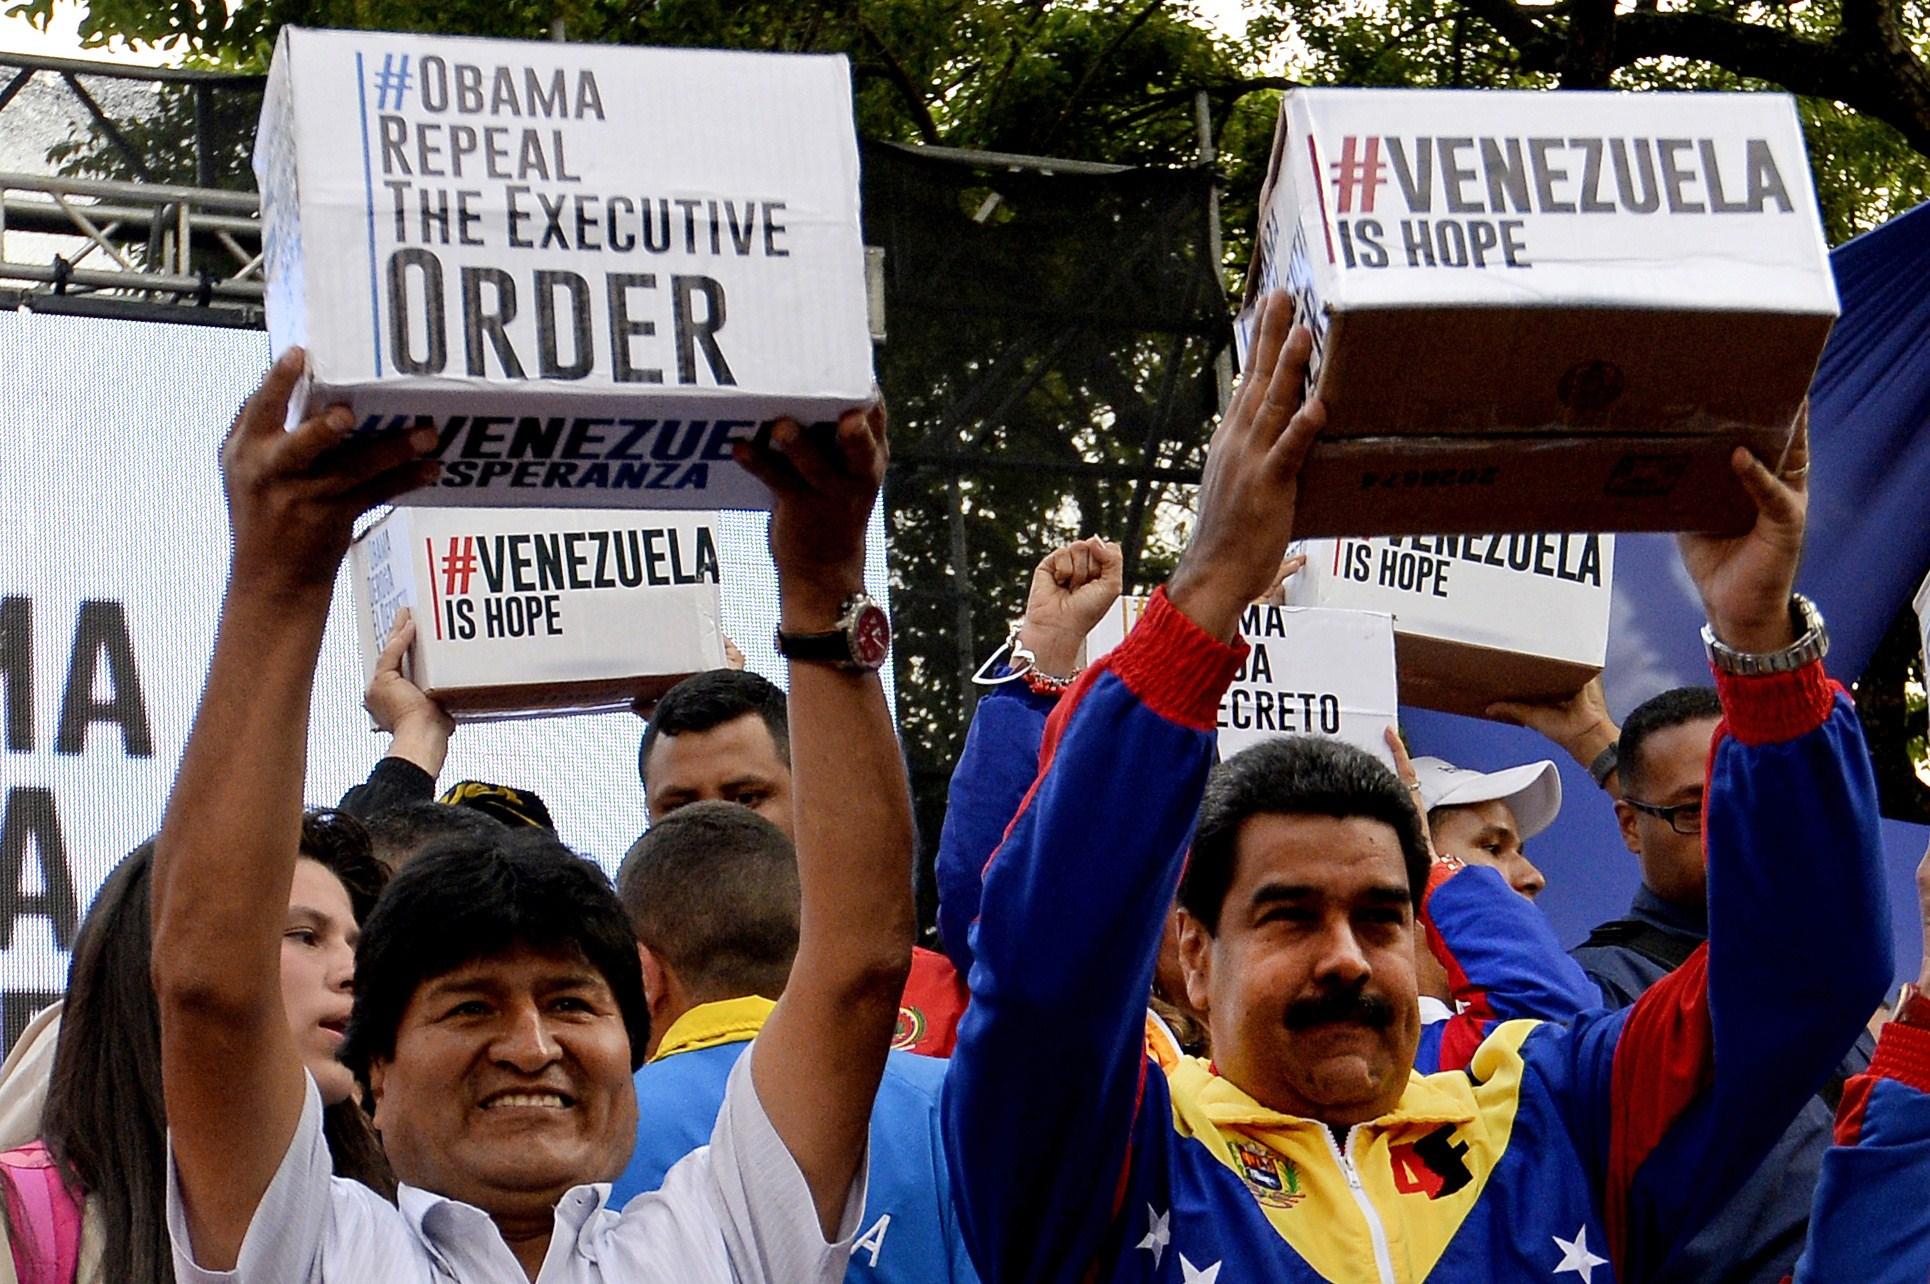 Evo Morales y Nicolás Maduro presentan en Caracas las firmas recogidas para pedir que EE.UU. levante las sanciones contra VenezuelaFoto: AFP PHOTO/FEDERICO PARRA